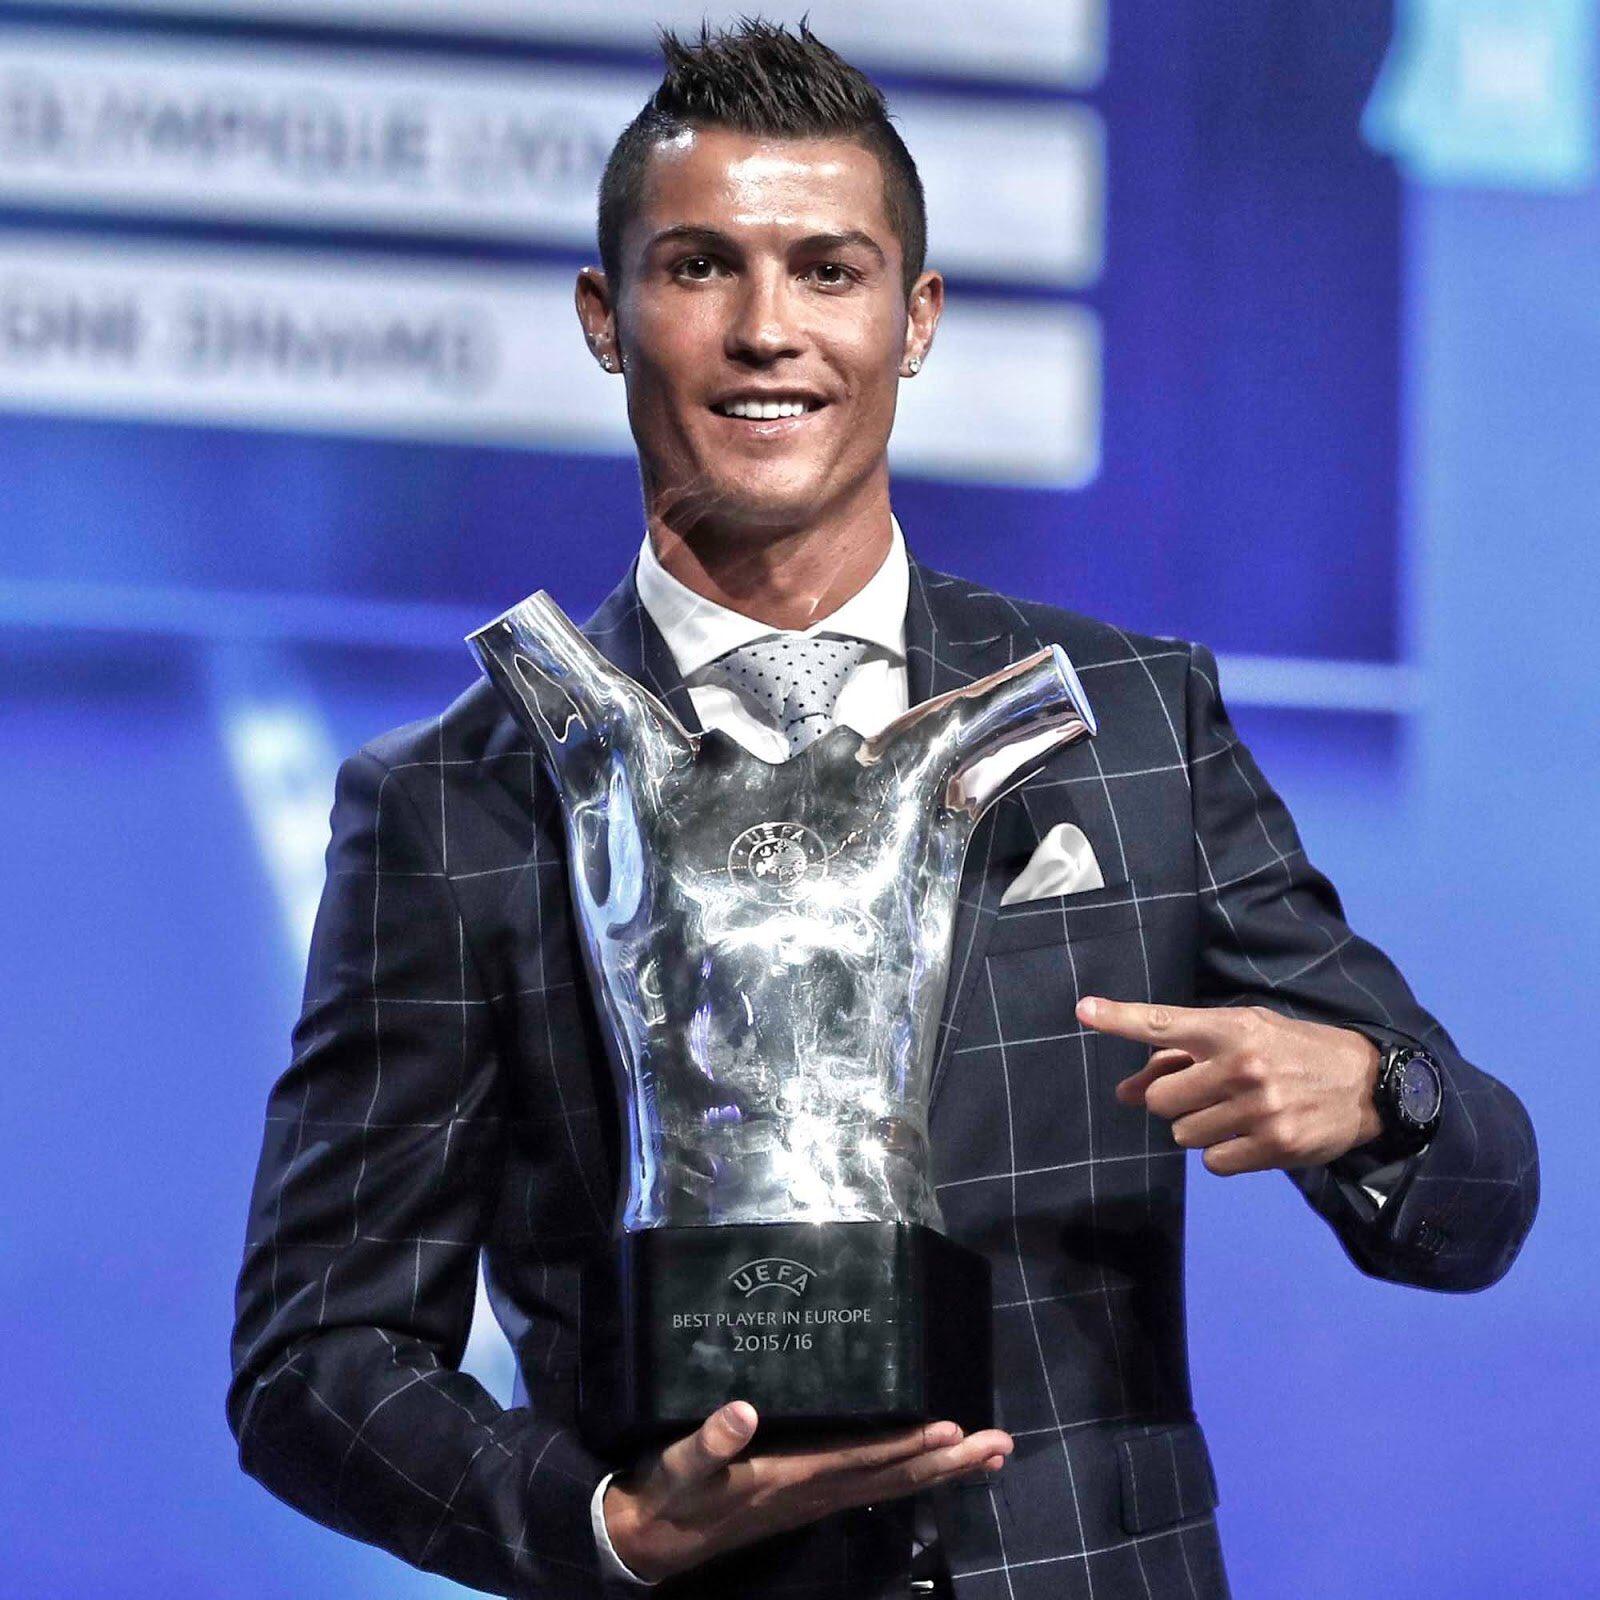 დღეს UEFA-ს წლის საუკეთესო ფეხბურთელი გამოვლინდება